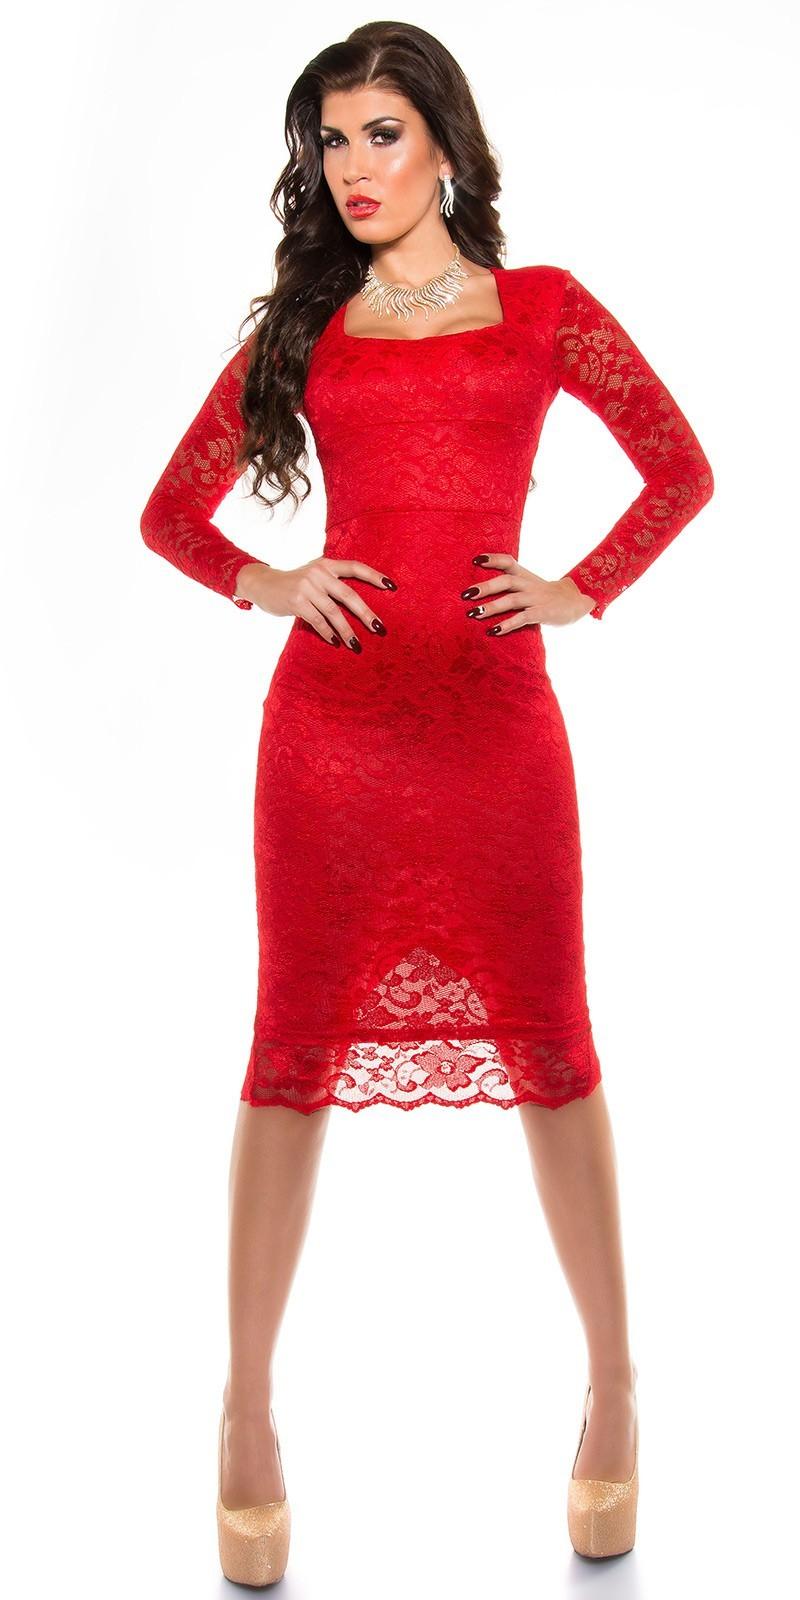 ee5e620c9b67 Spoločenské šaty pod kolená Red – Sissy Boutique